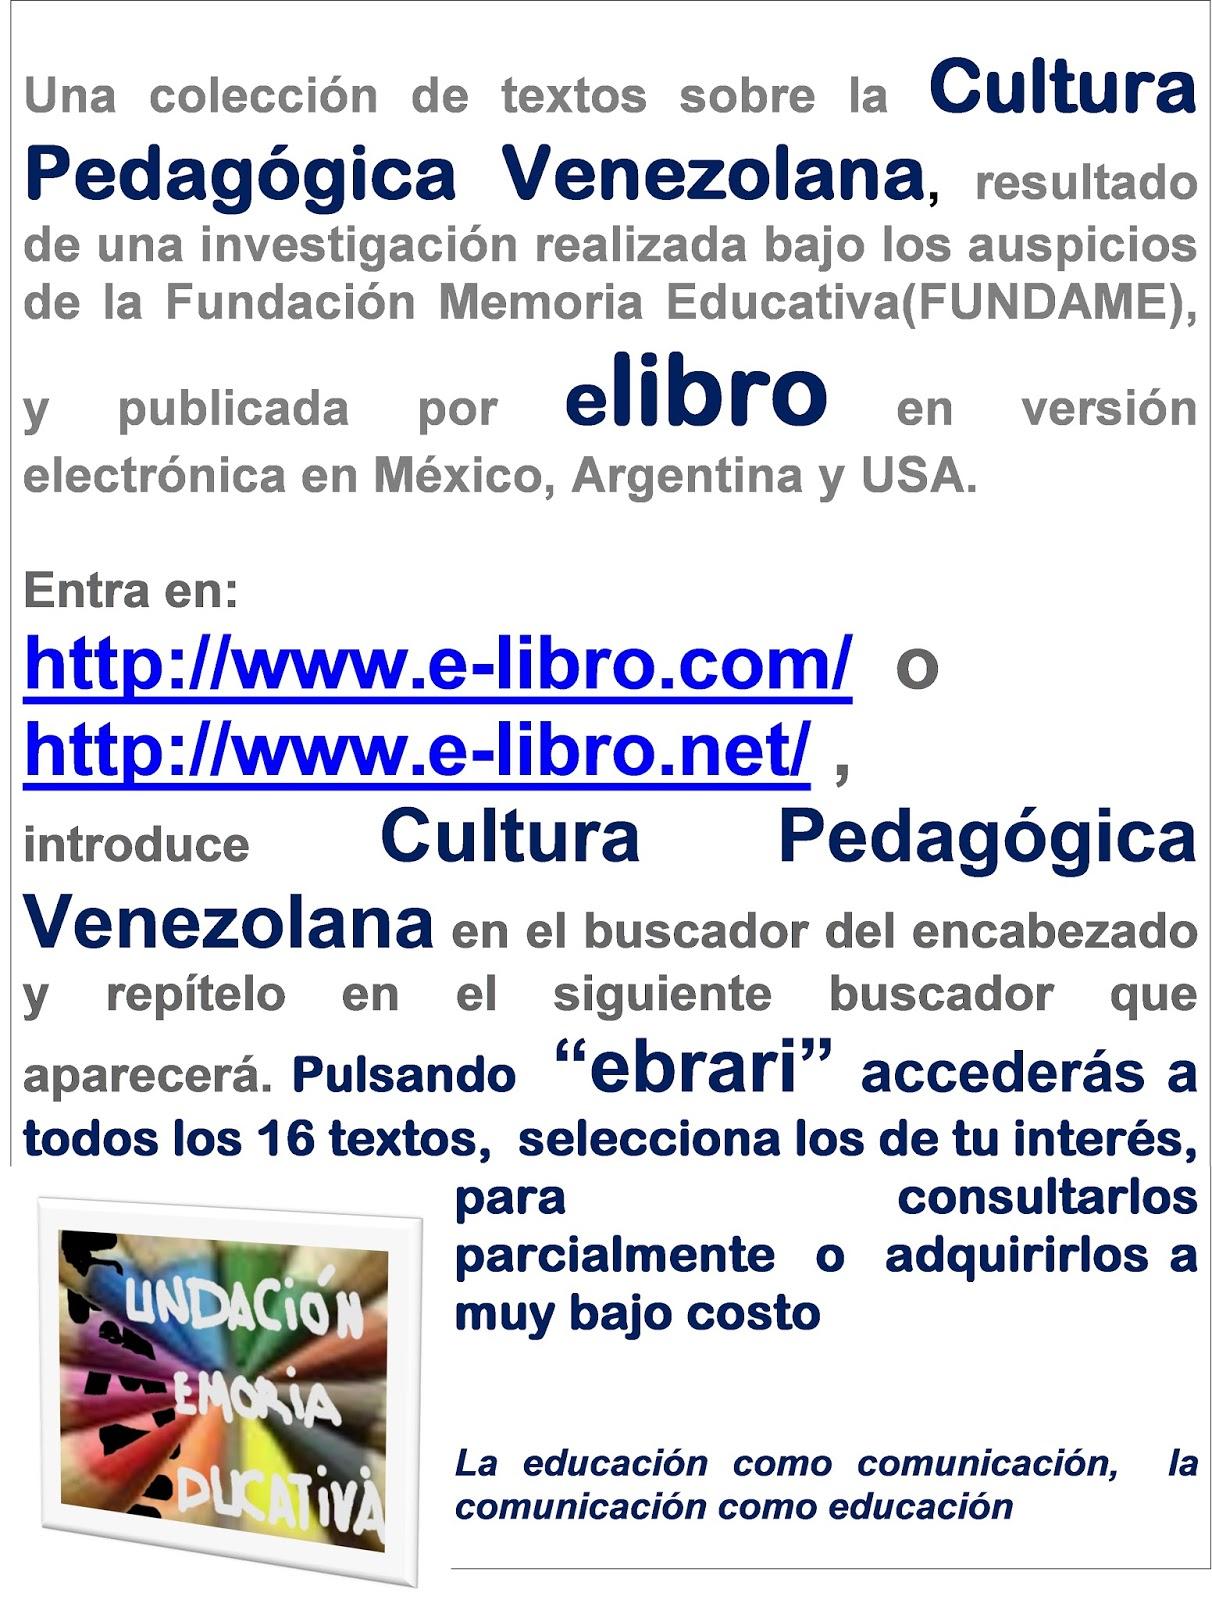 Memoria Educativa Venezolana, paso a paso: 19/10/14 - 26/10/14